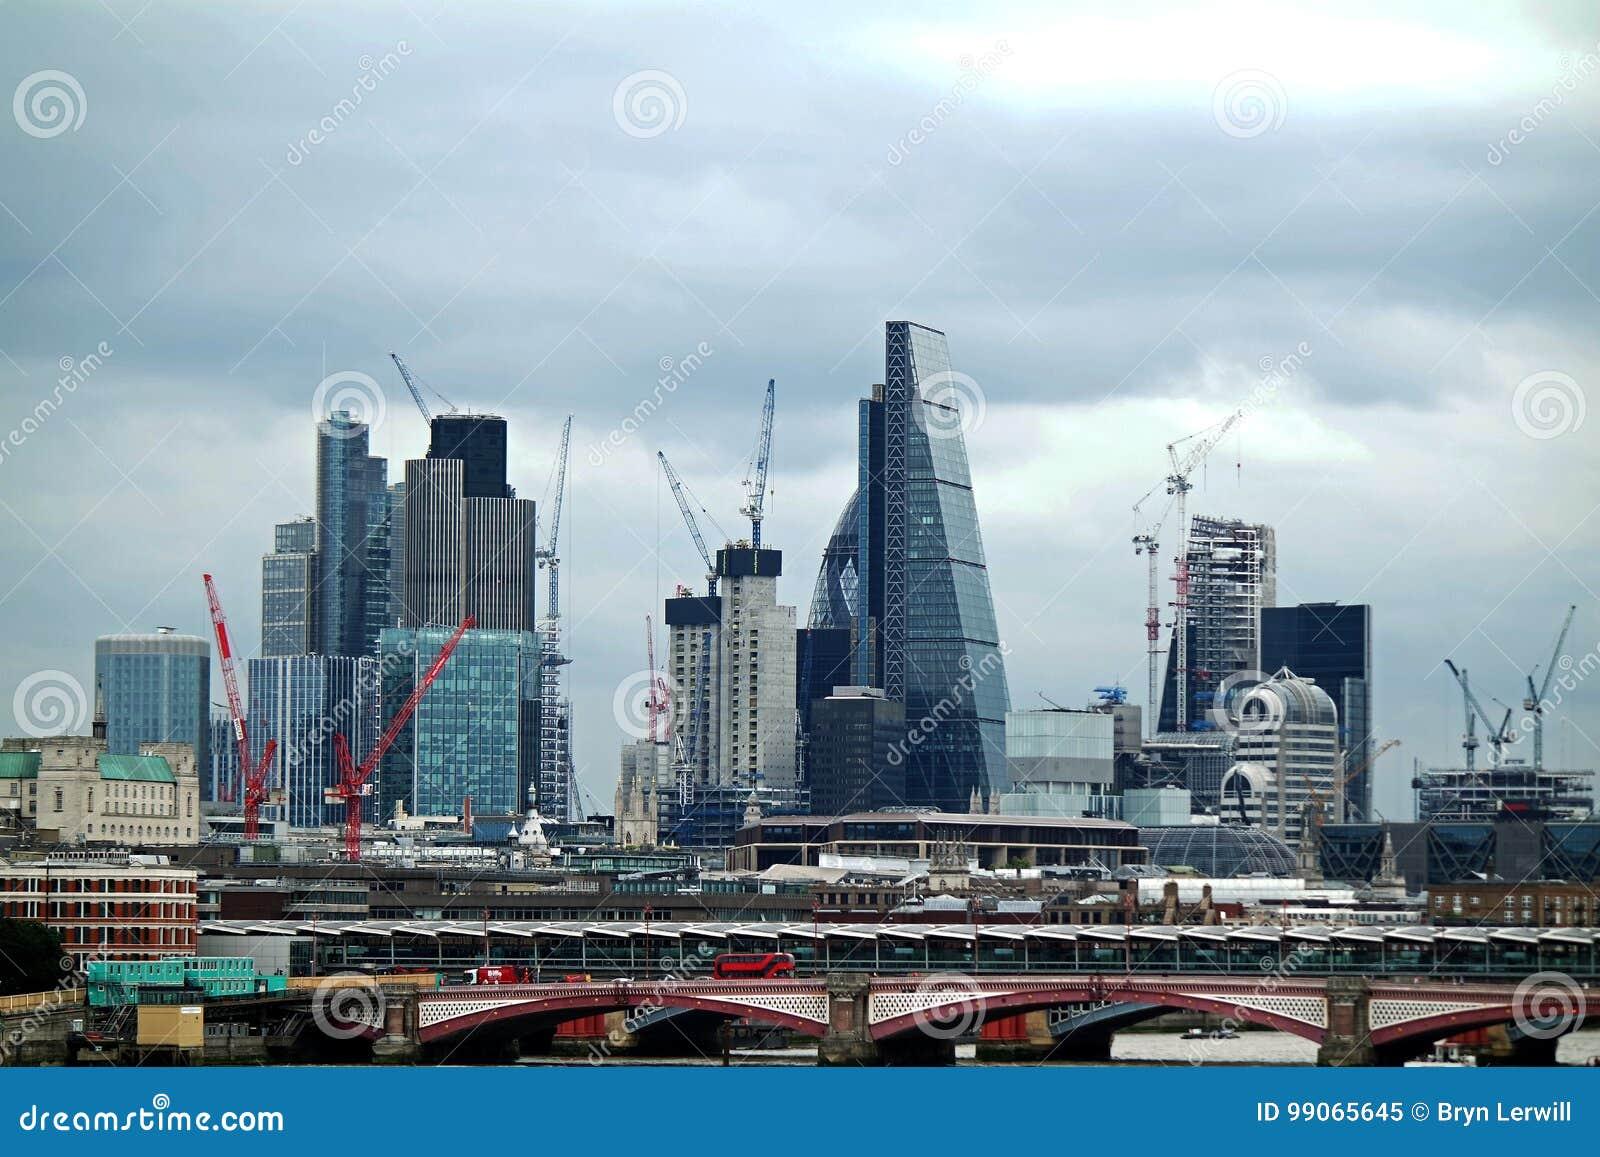 Turmkrane, die London errichten